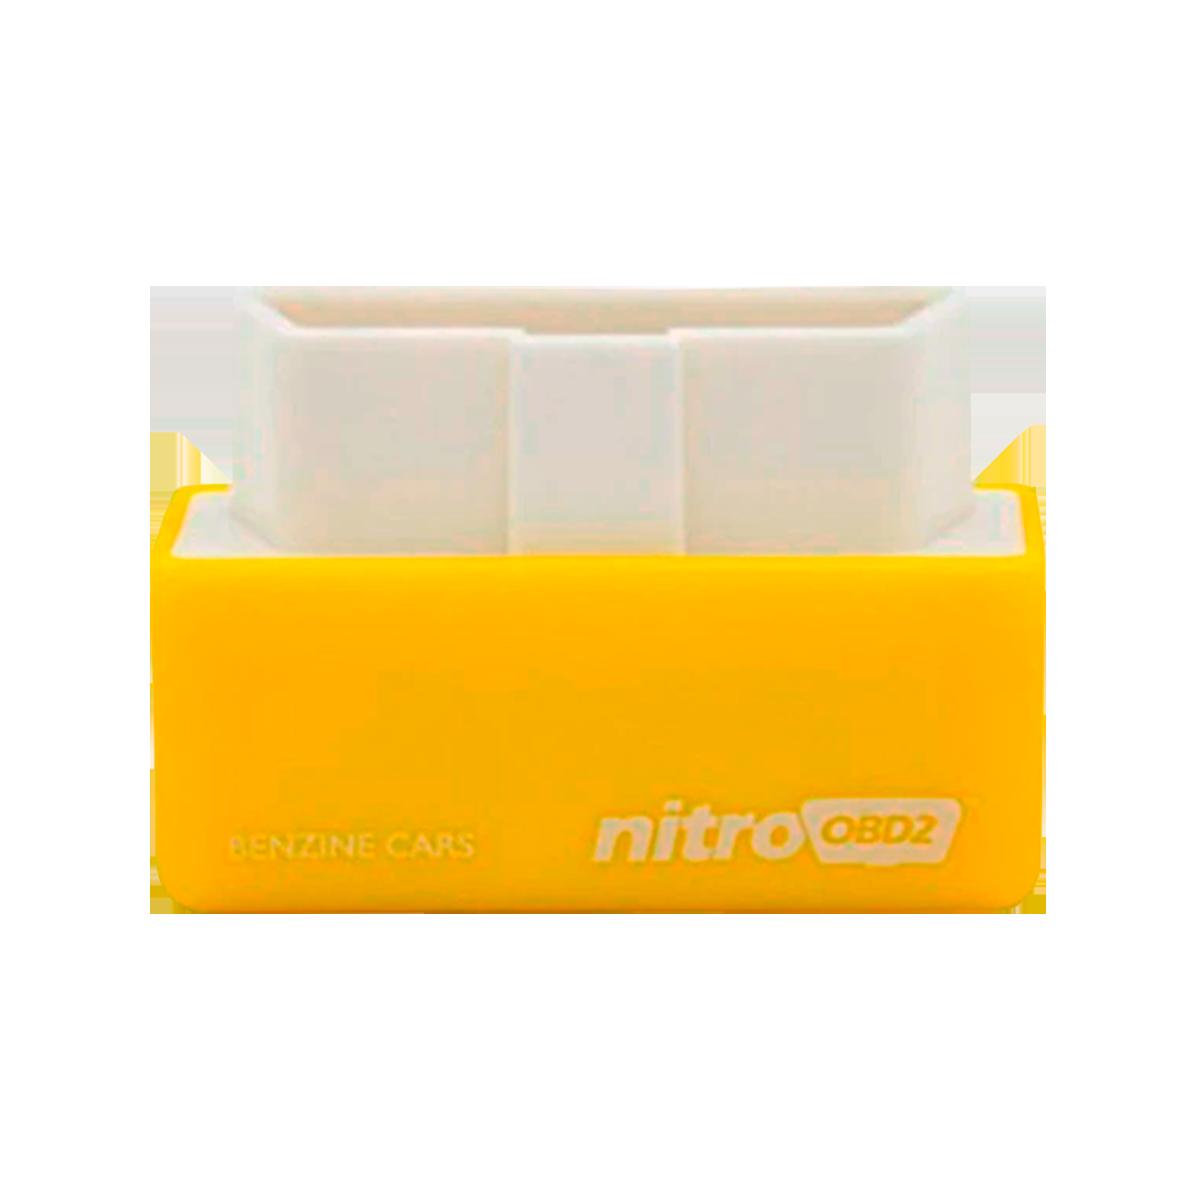 Nitro OBDII Gasolina + Potencia